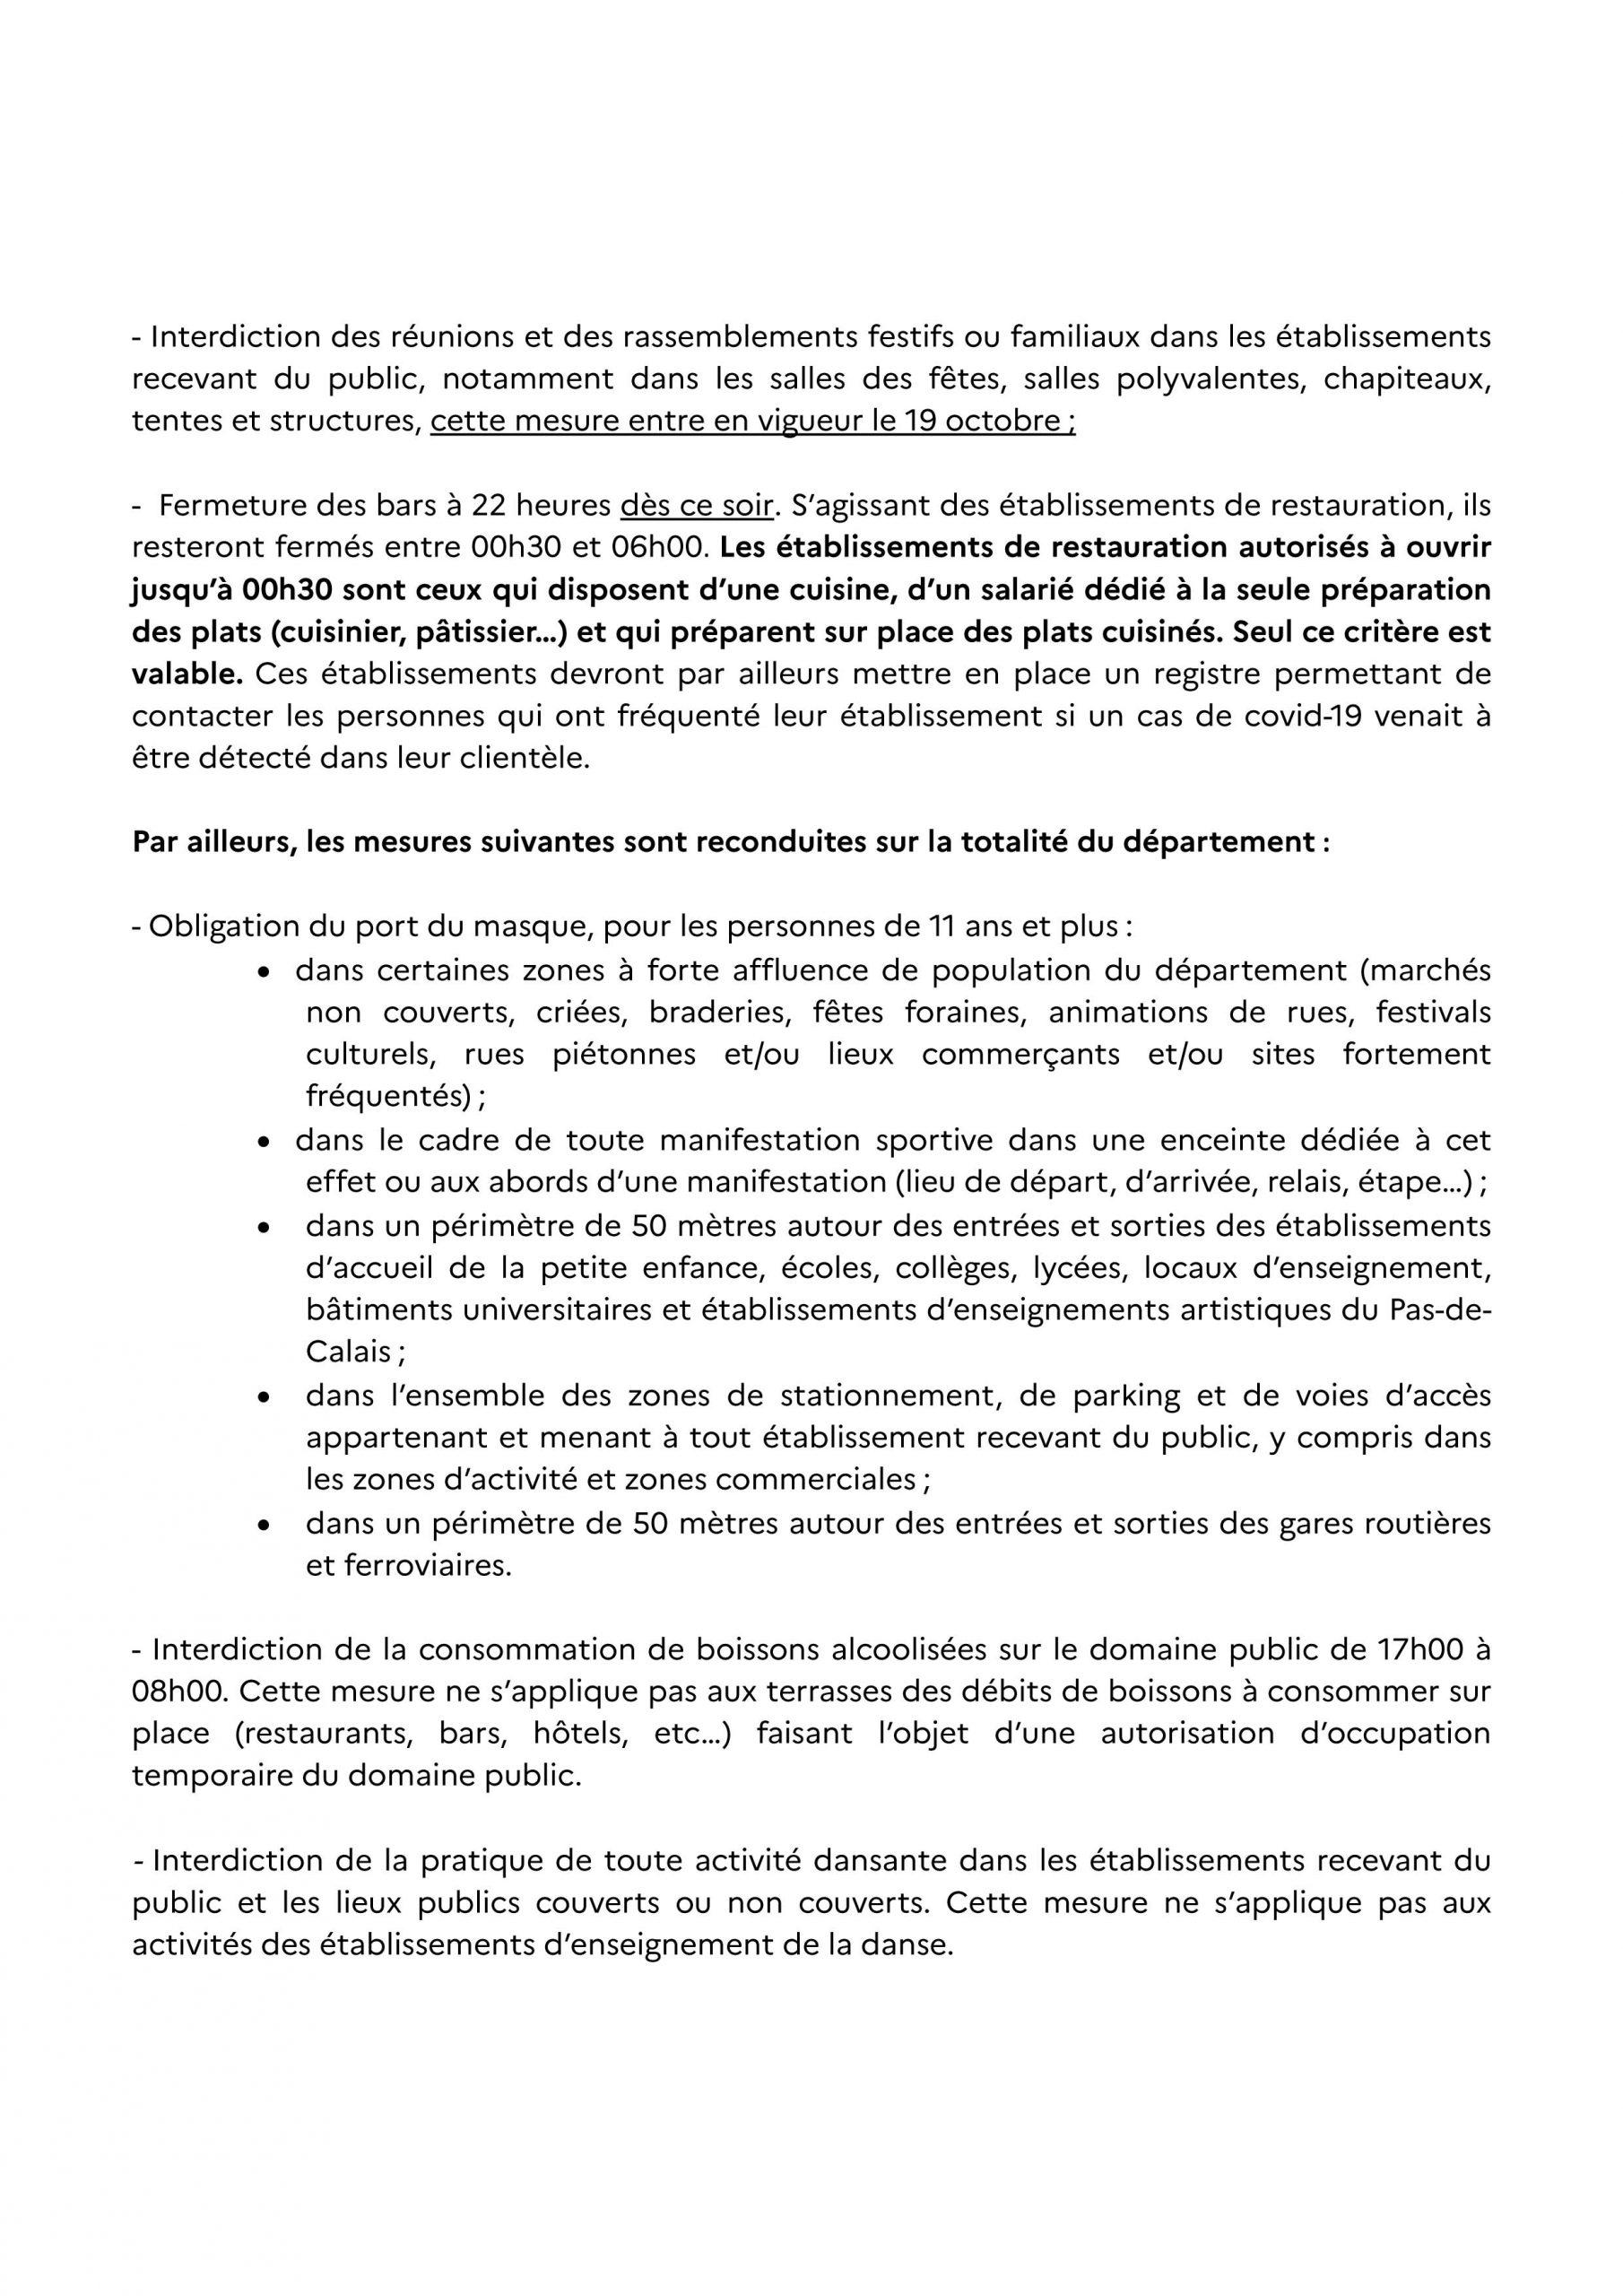 Communique_de_presse_du_17_octobre_2020-_Renforcement_des_mesures_sanitaires_1-2